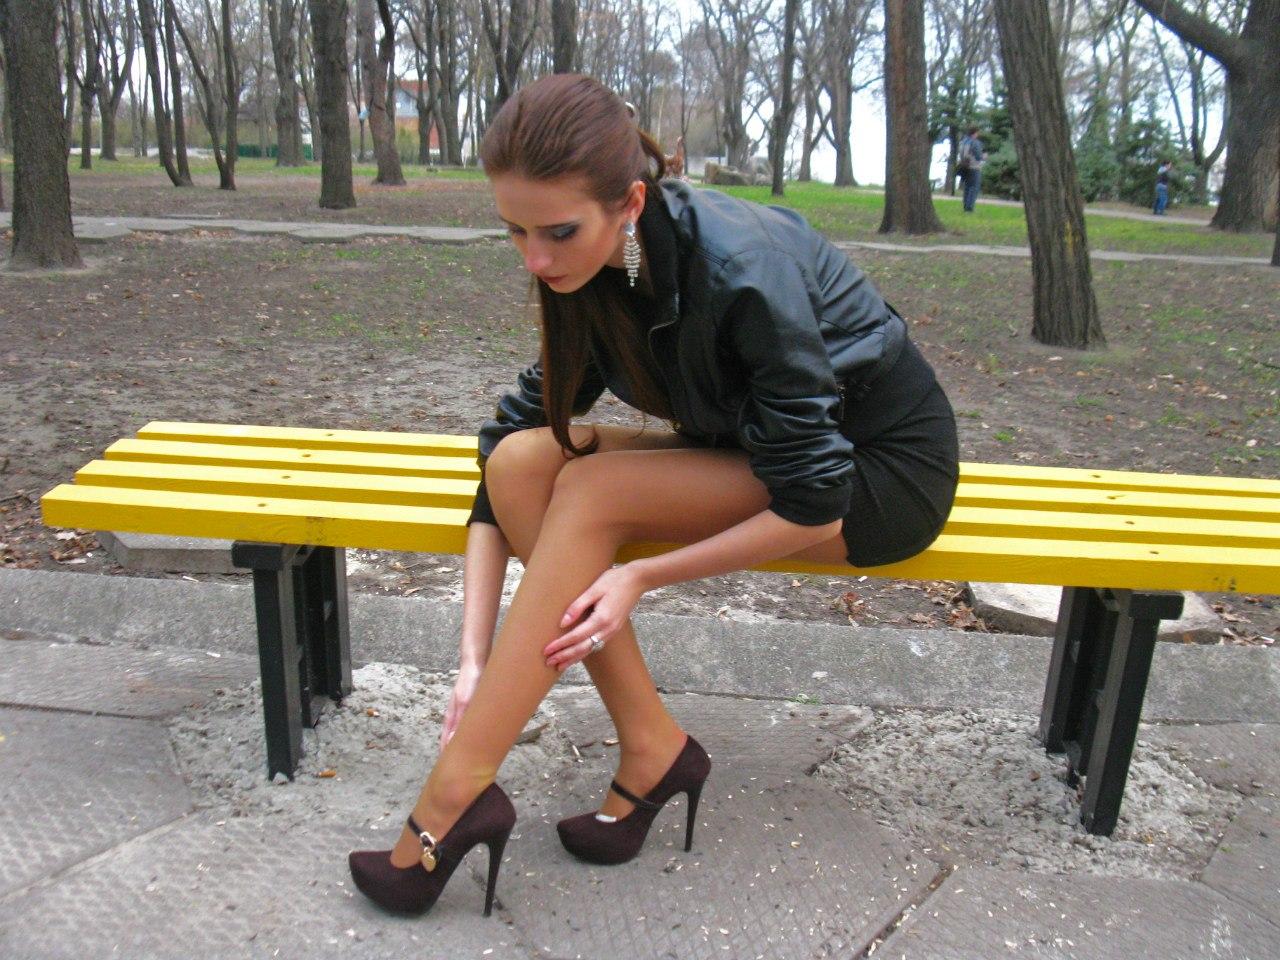 有人拿大妈照黑俄罗斯美女?扁之图贴打脸